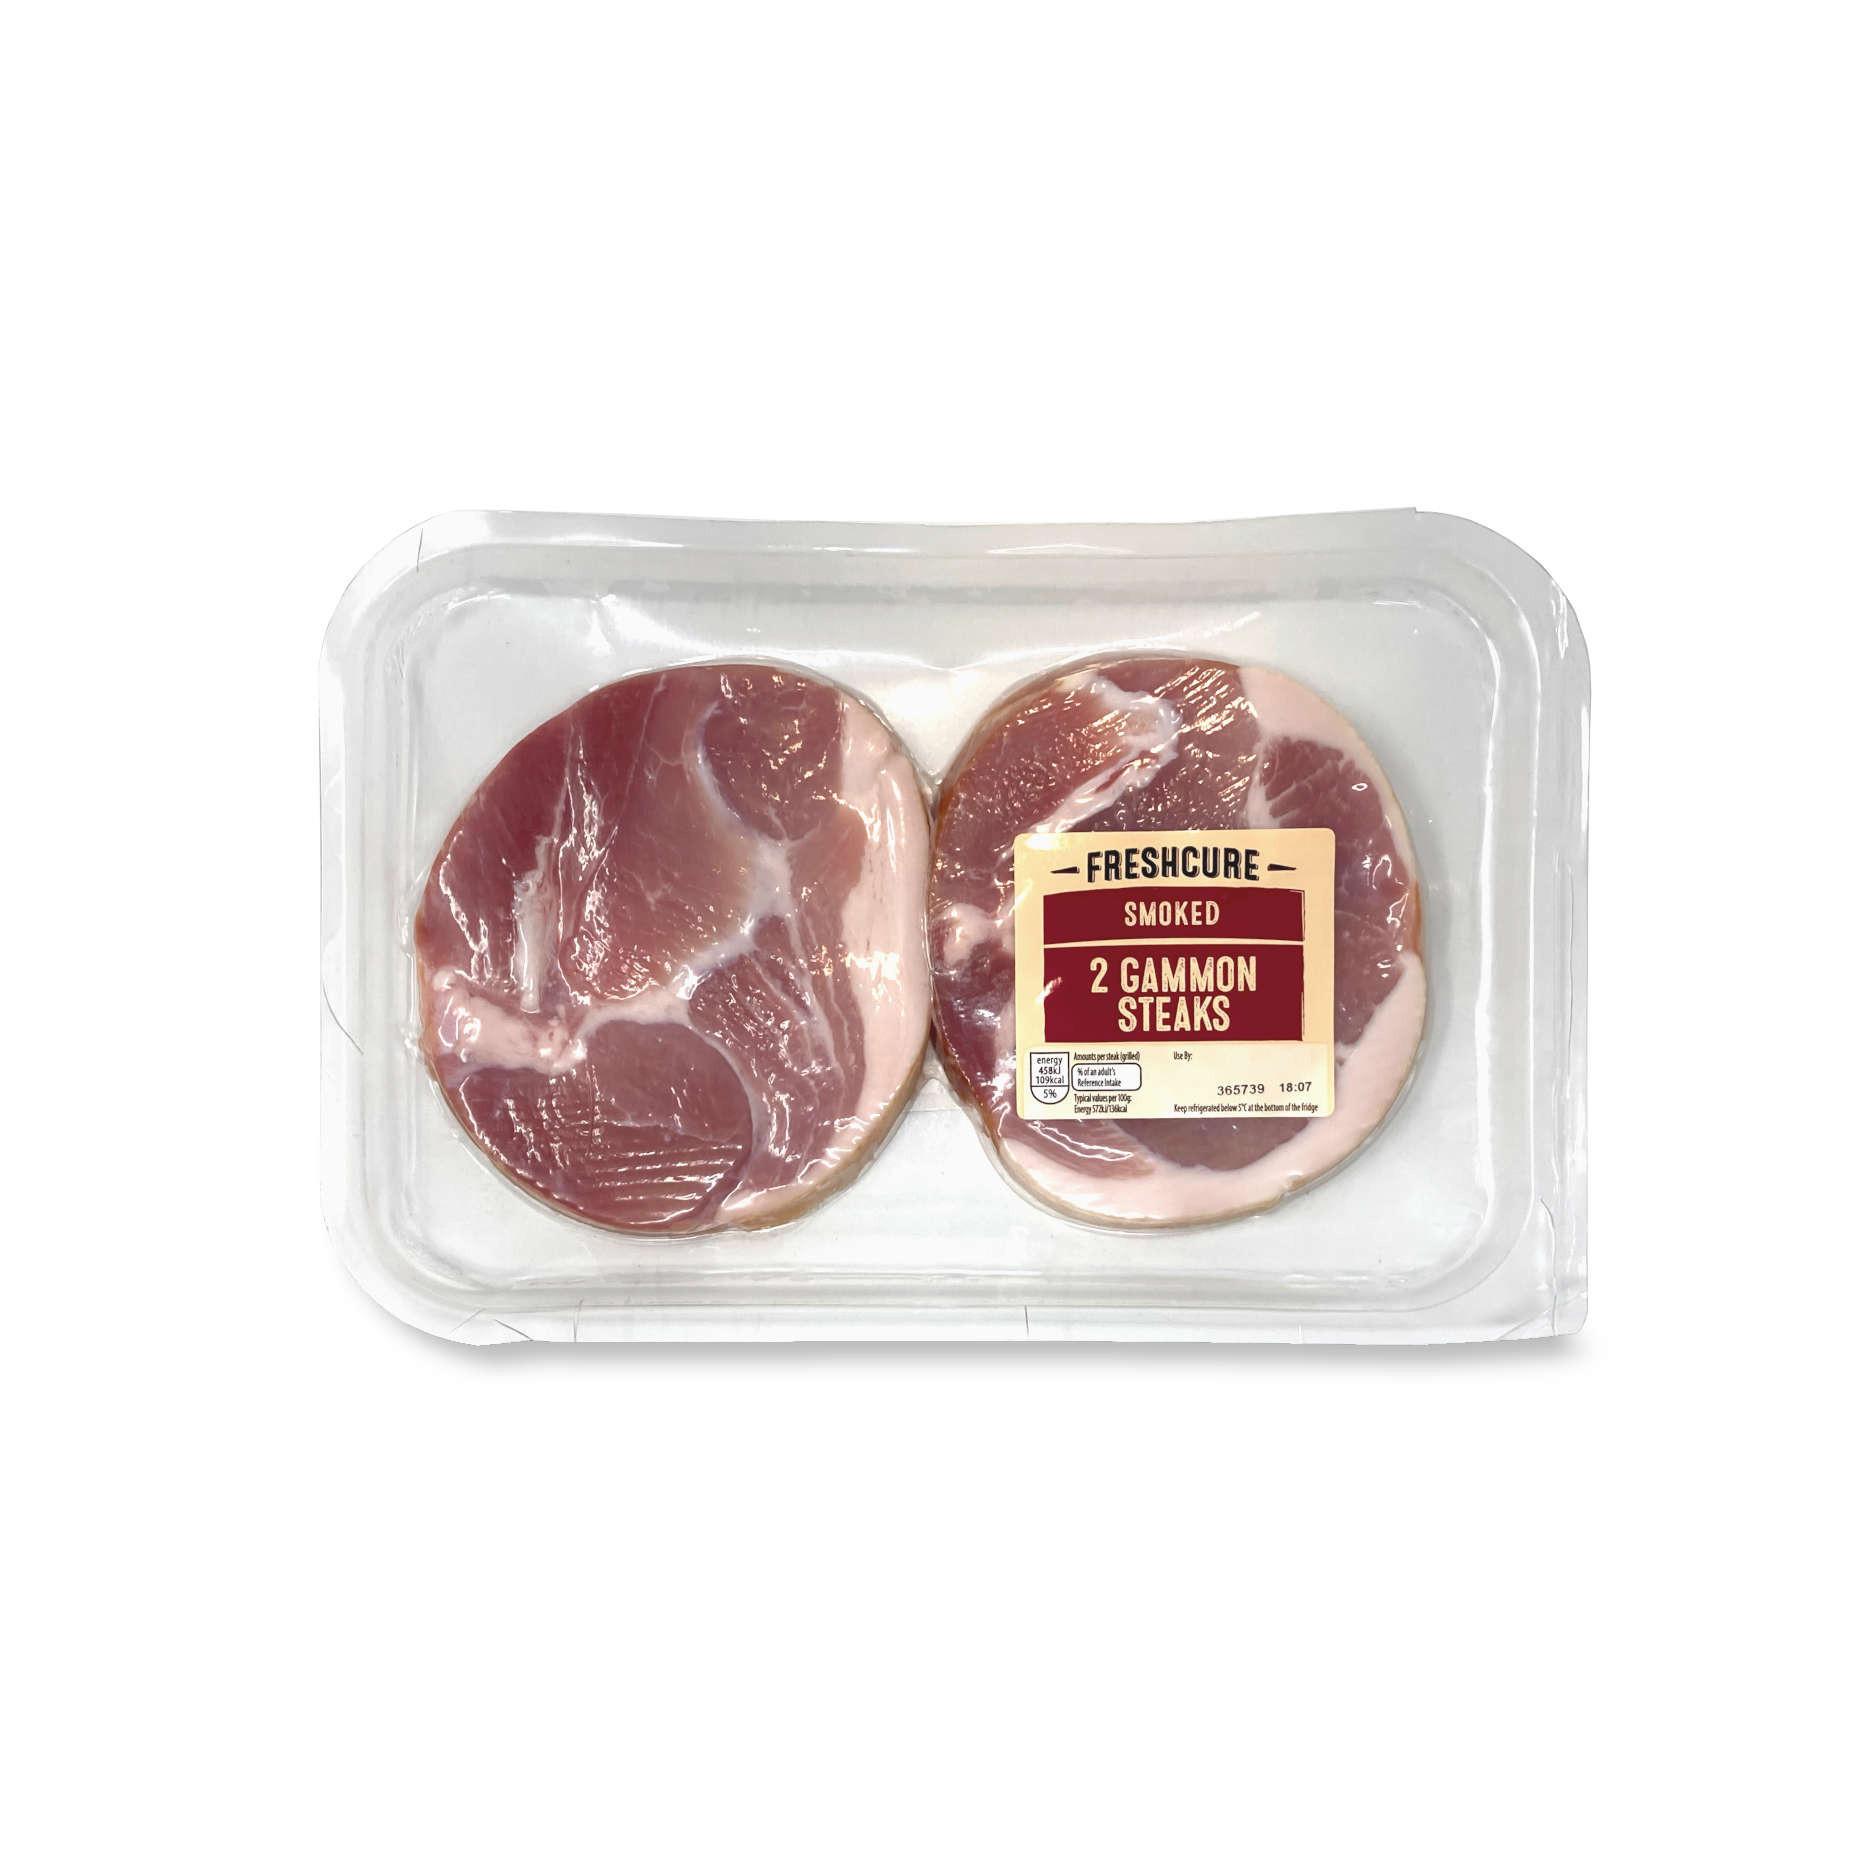 2 Smoked Gammon Steaks